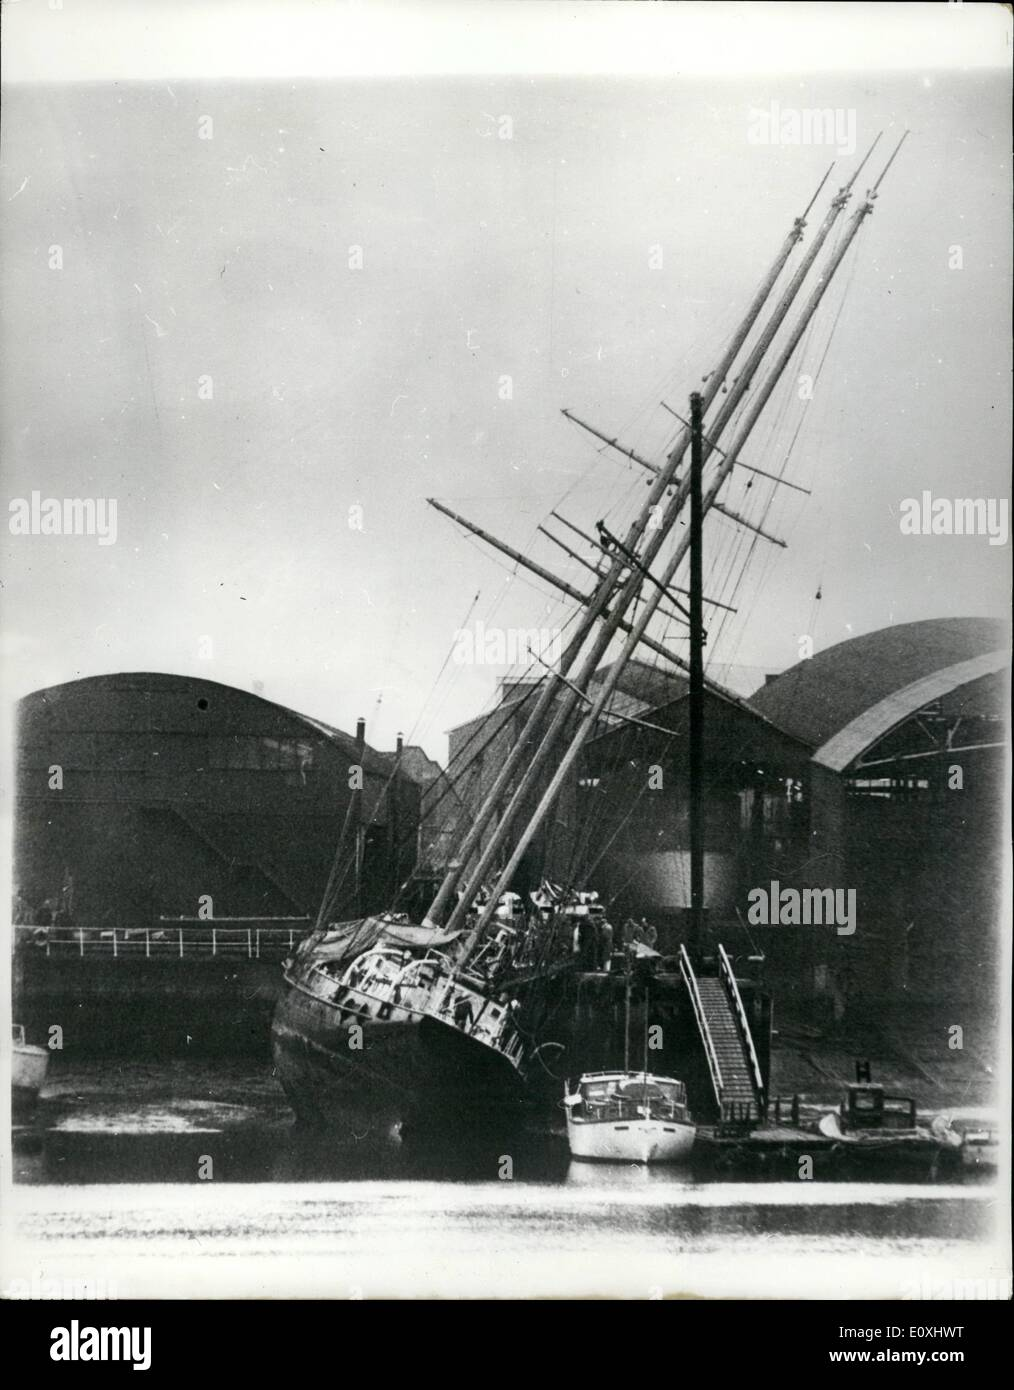 Jan. 01, 1967 - The Schooner ''Sir Winston Churchill'' is flooded; The sail training school ''Sir WInston Churchill'',Stock Photo